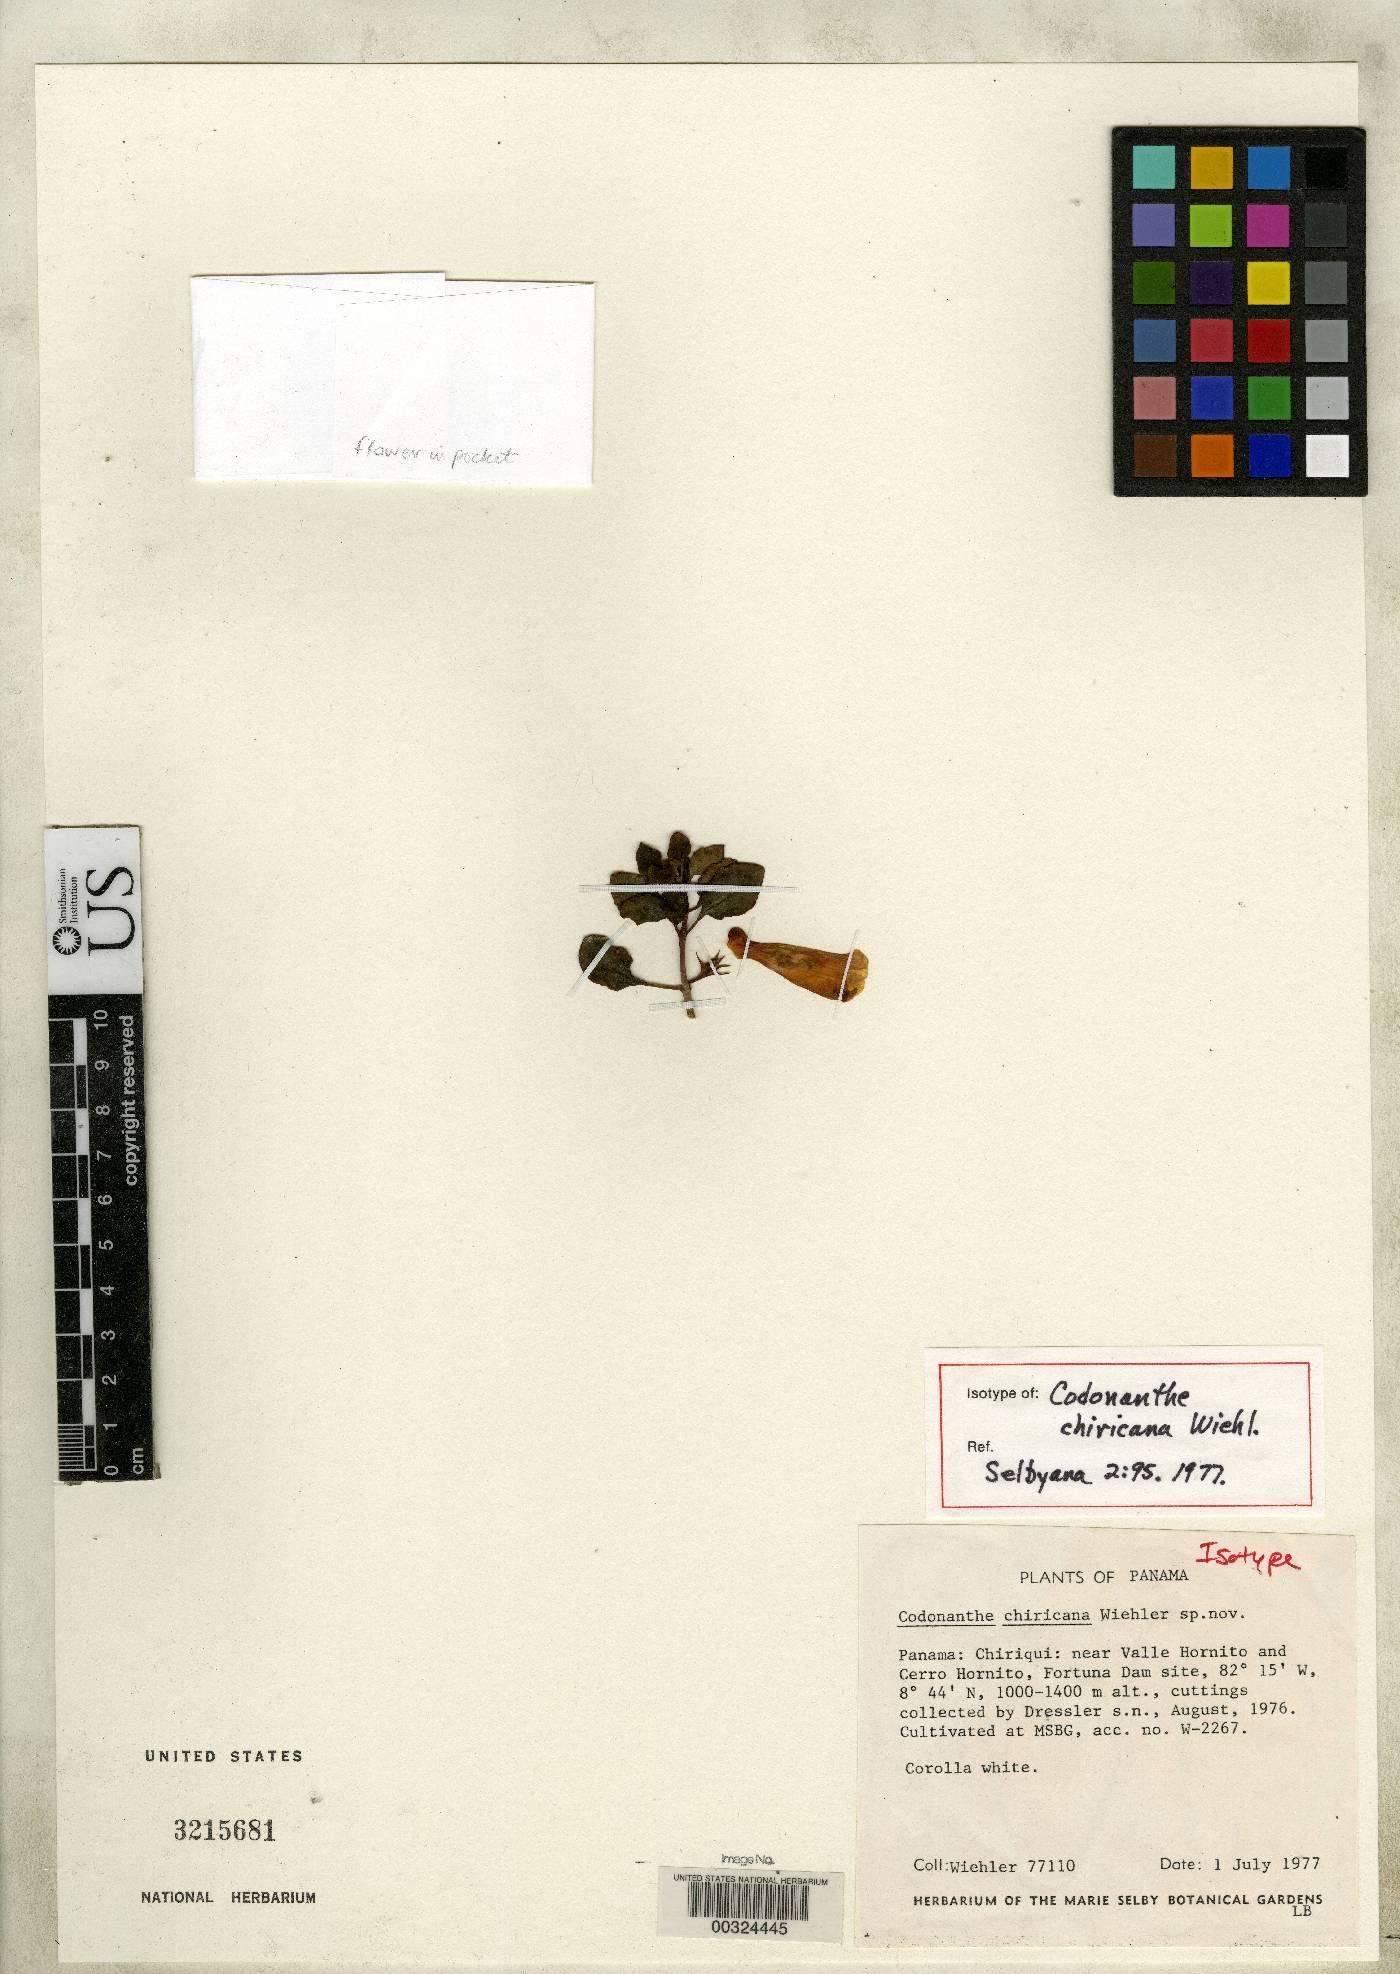 Codonanthe chiricana image